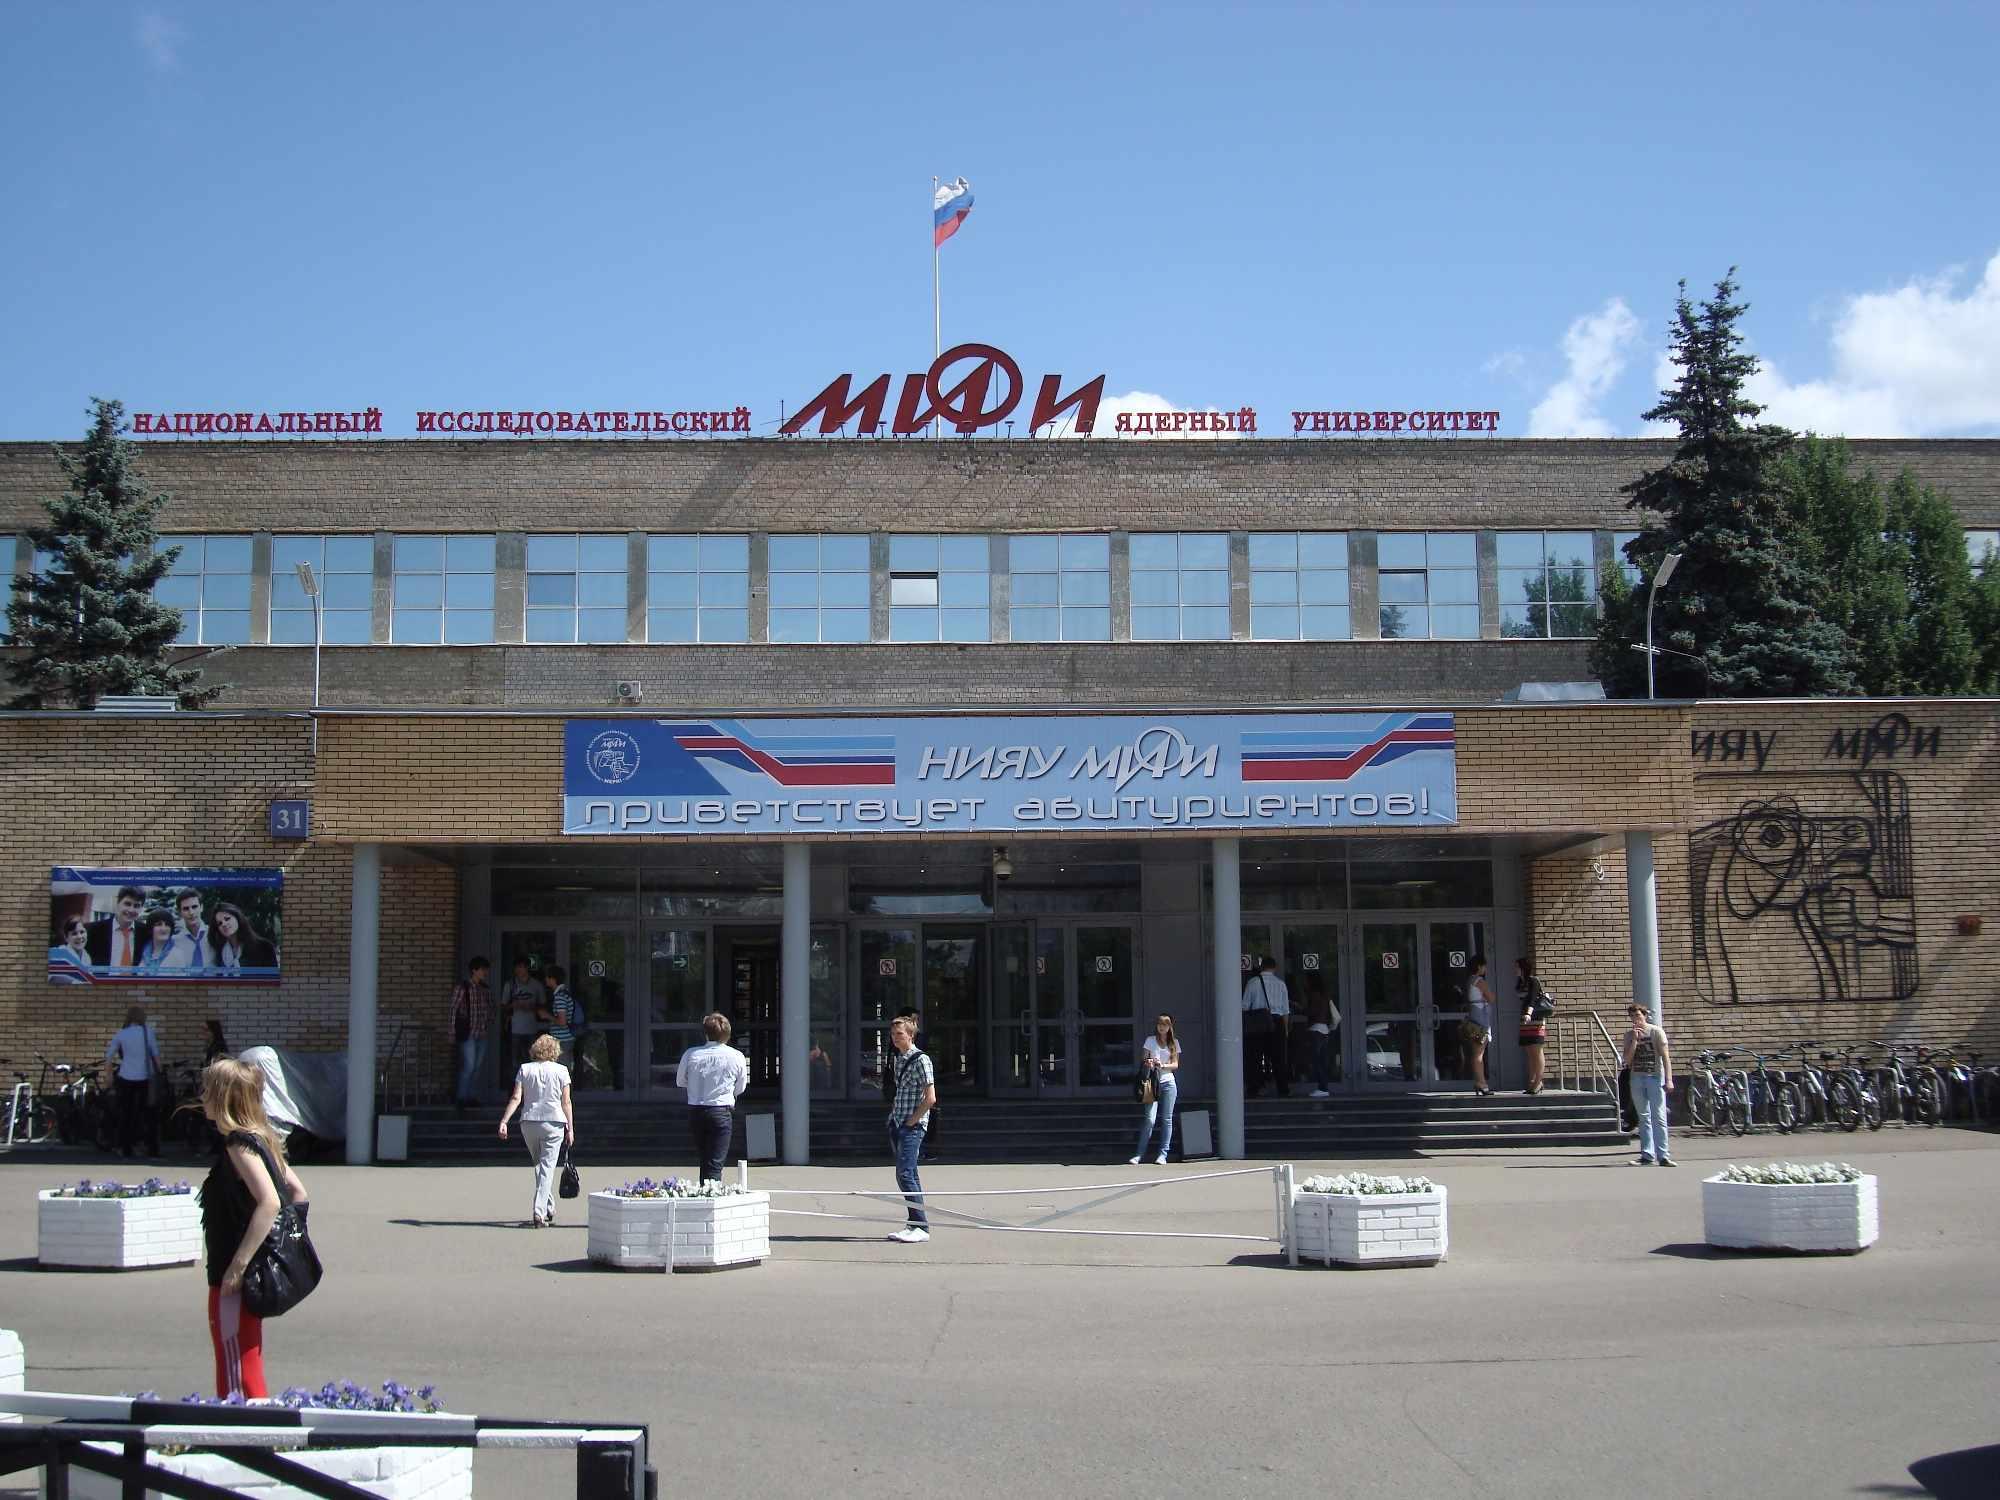 Национальный исследовательский ядерный университет «МИФИ» (Московский инженерно-физический институт) - один из первых национальных исследовательских университетов России